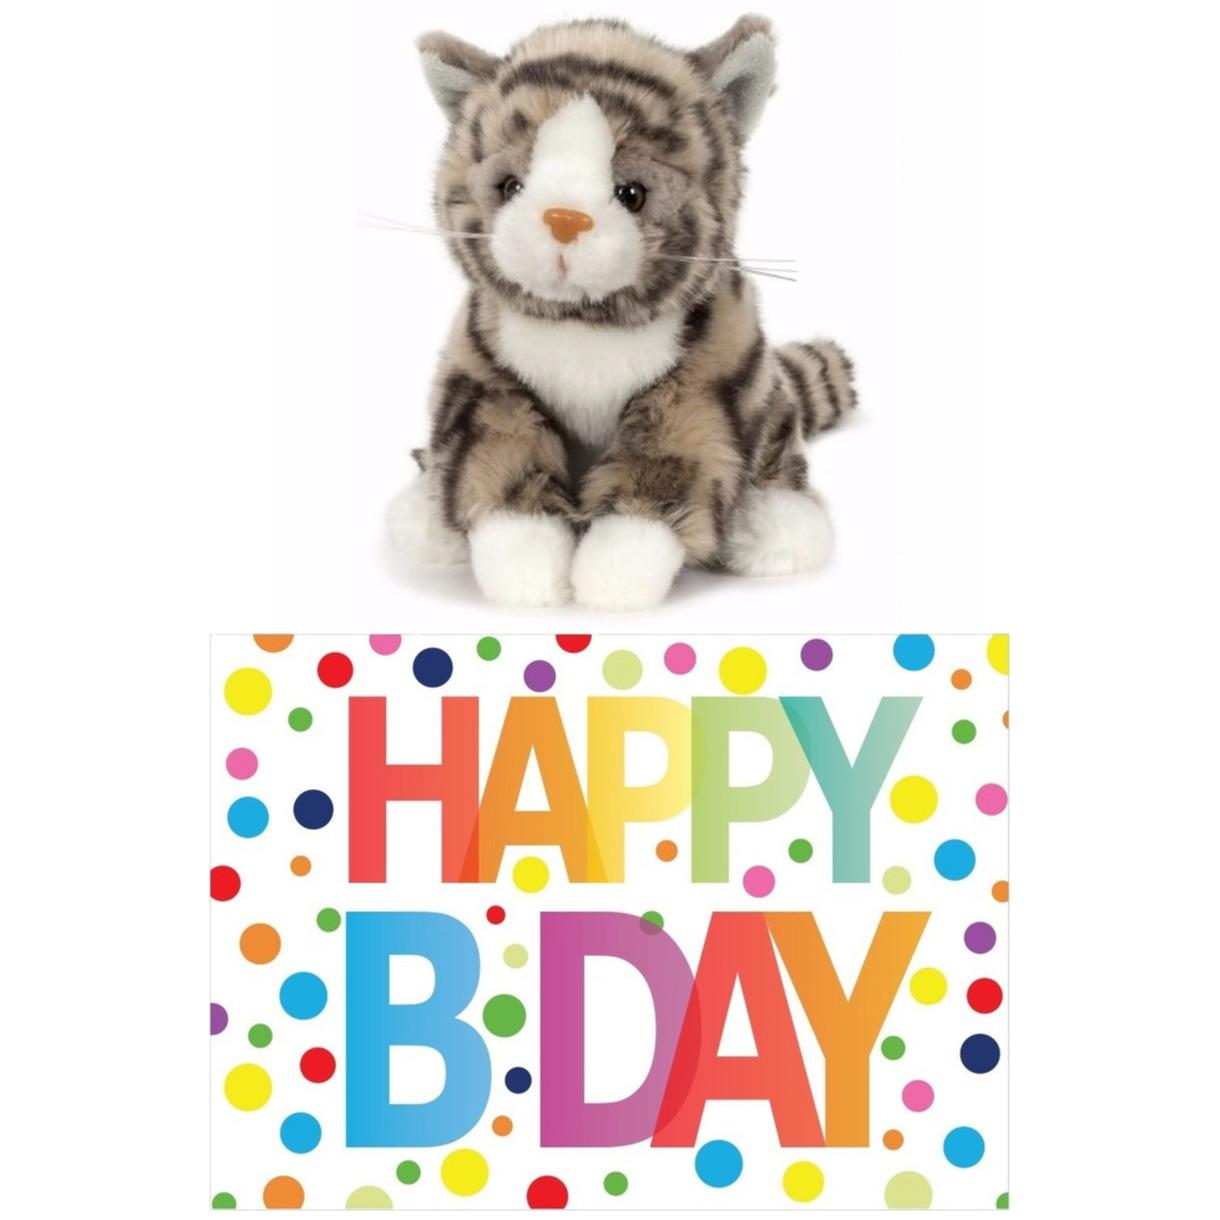 Cadeau setje pluche grijze kat/poes knuffel 16 cm met Happy Birthday wenskaart